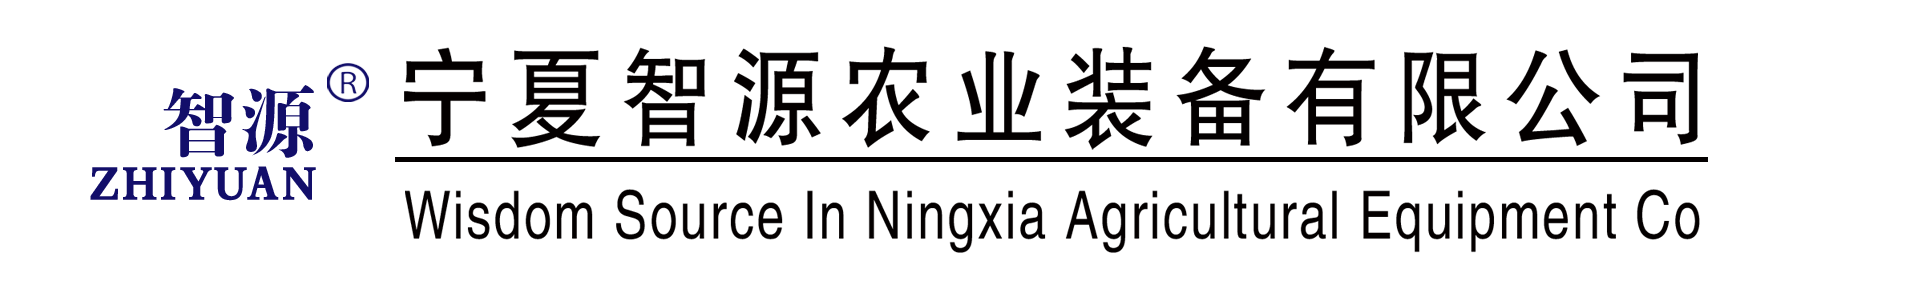 寧夏丝瓜视频官网下载app官网農業裝備有限公司